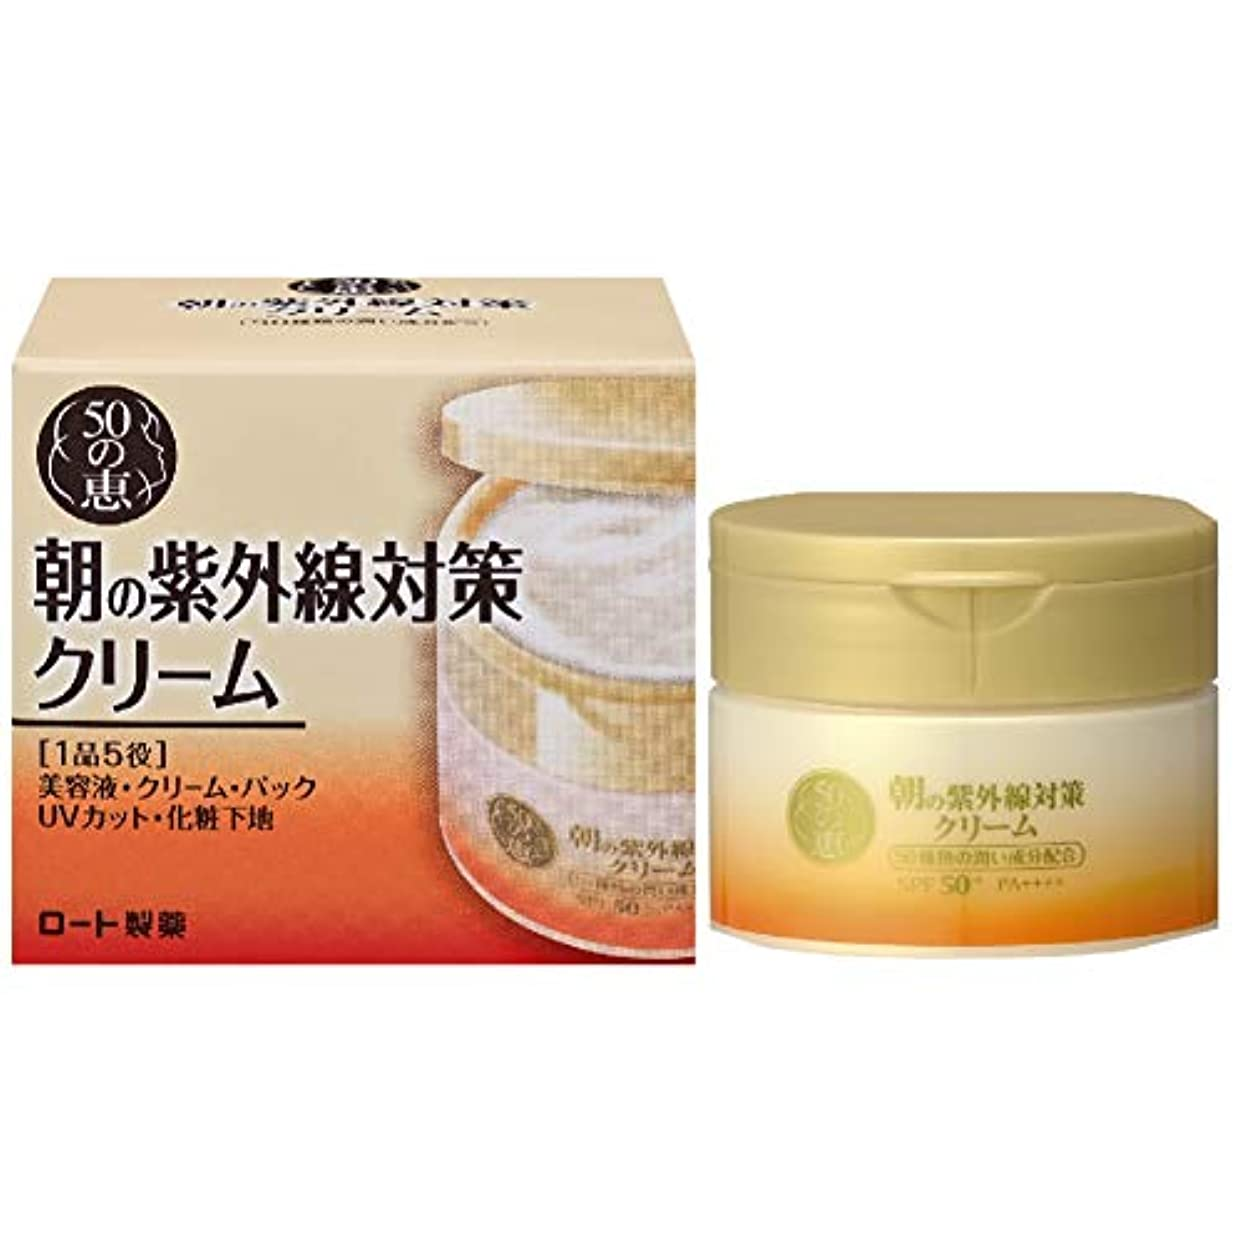 交換不公平ネックレスロート製薬 50の恵エイジングケア 朝の紫外線対策クリーム 養潤成分50種類配合オールインワン SPF50+ PA++++ 90g